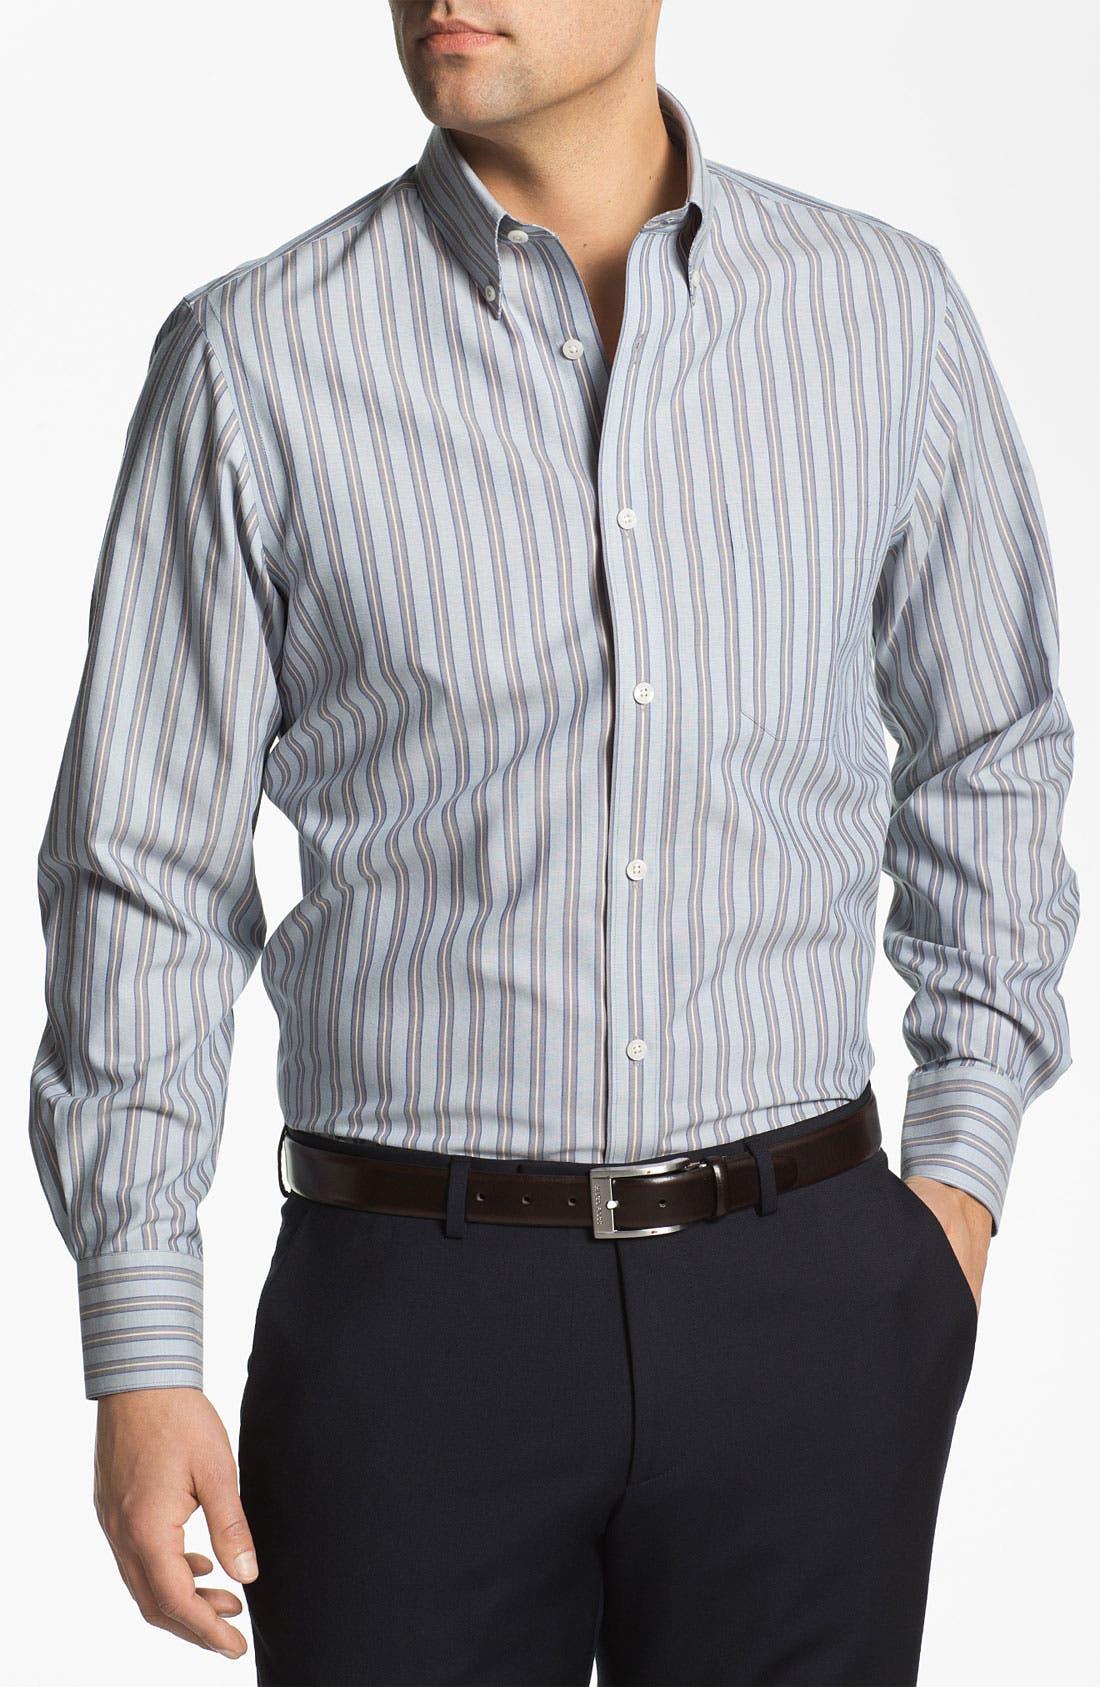 Alternate Image 1 Selected - Nordstrom Regular Fit Sport Shirt